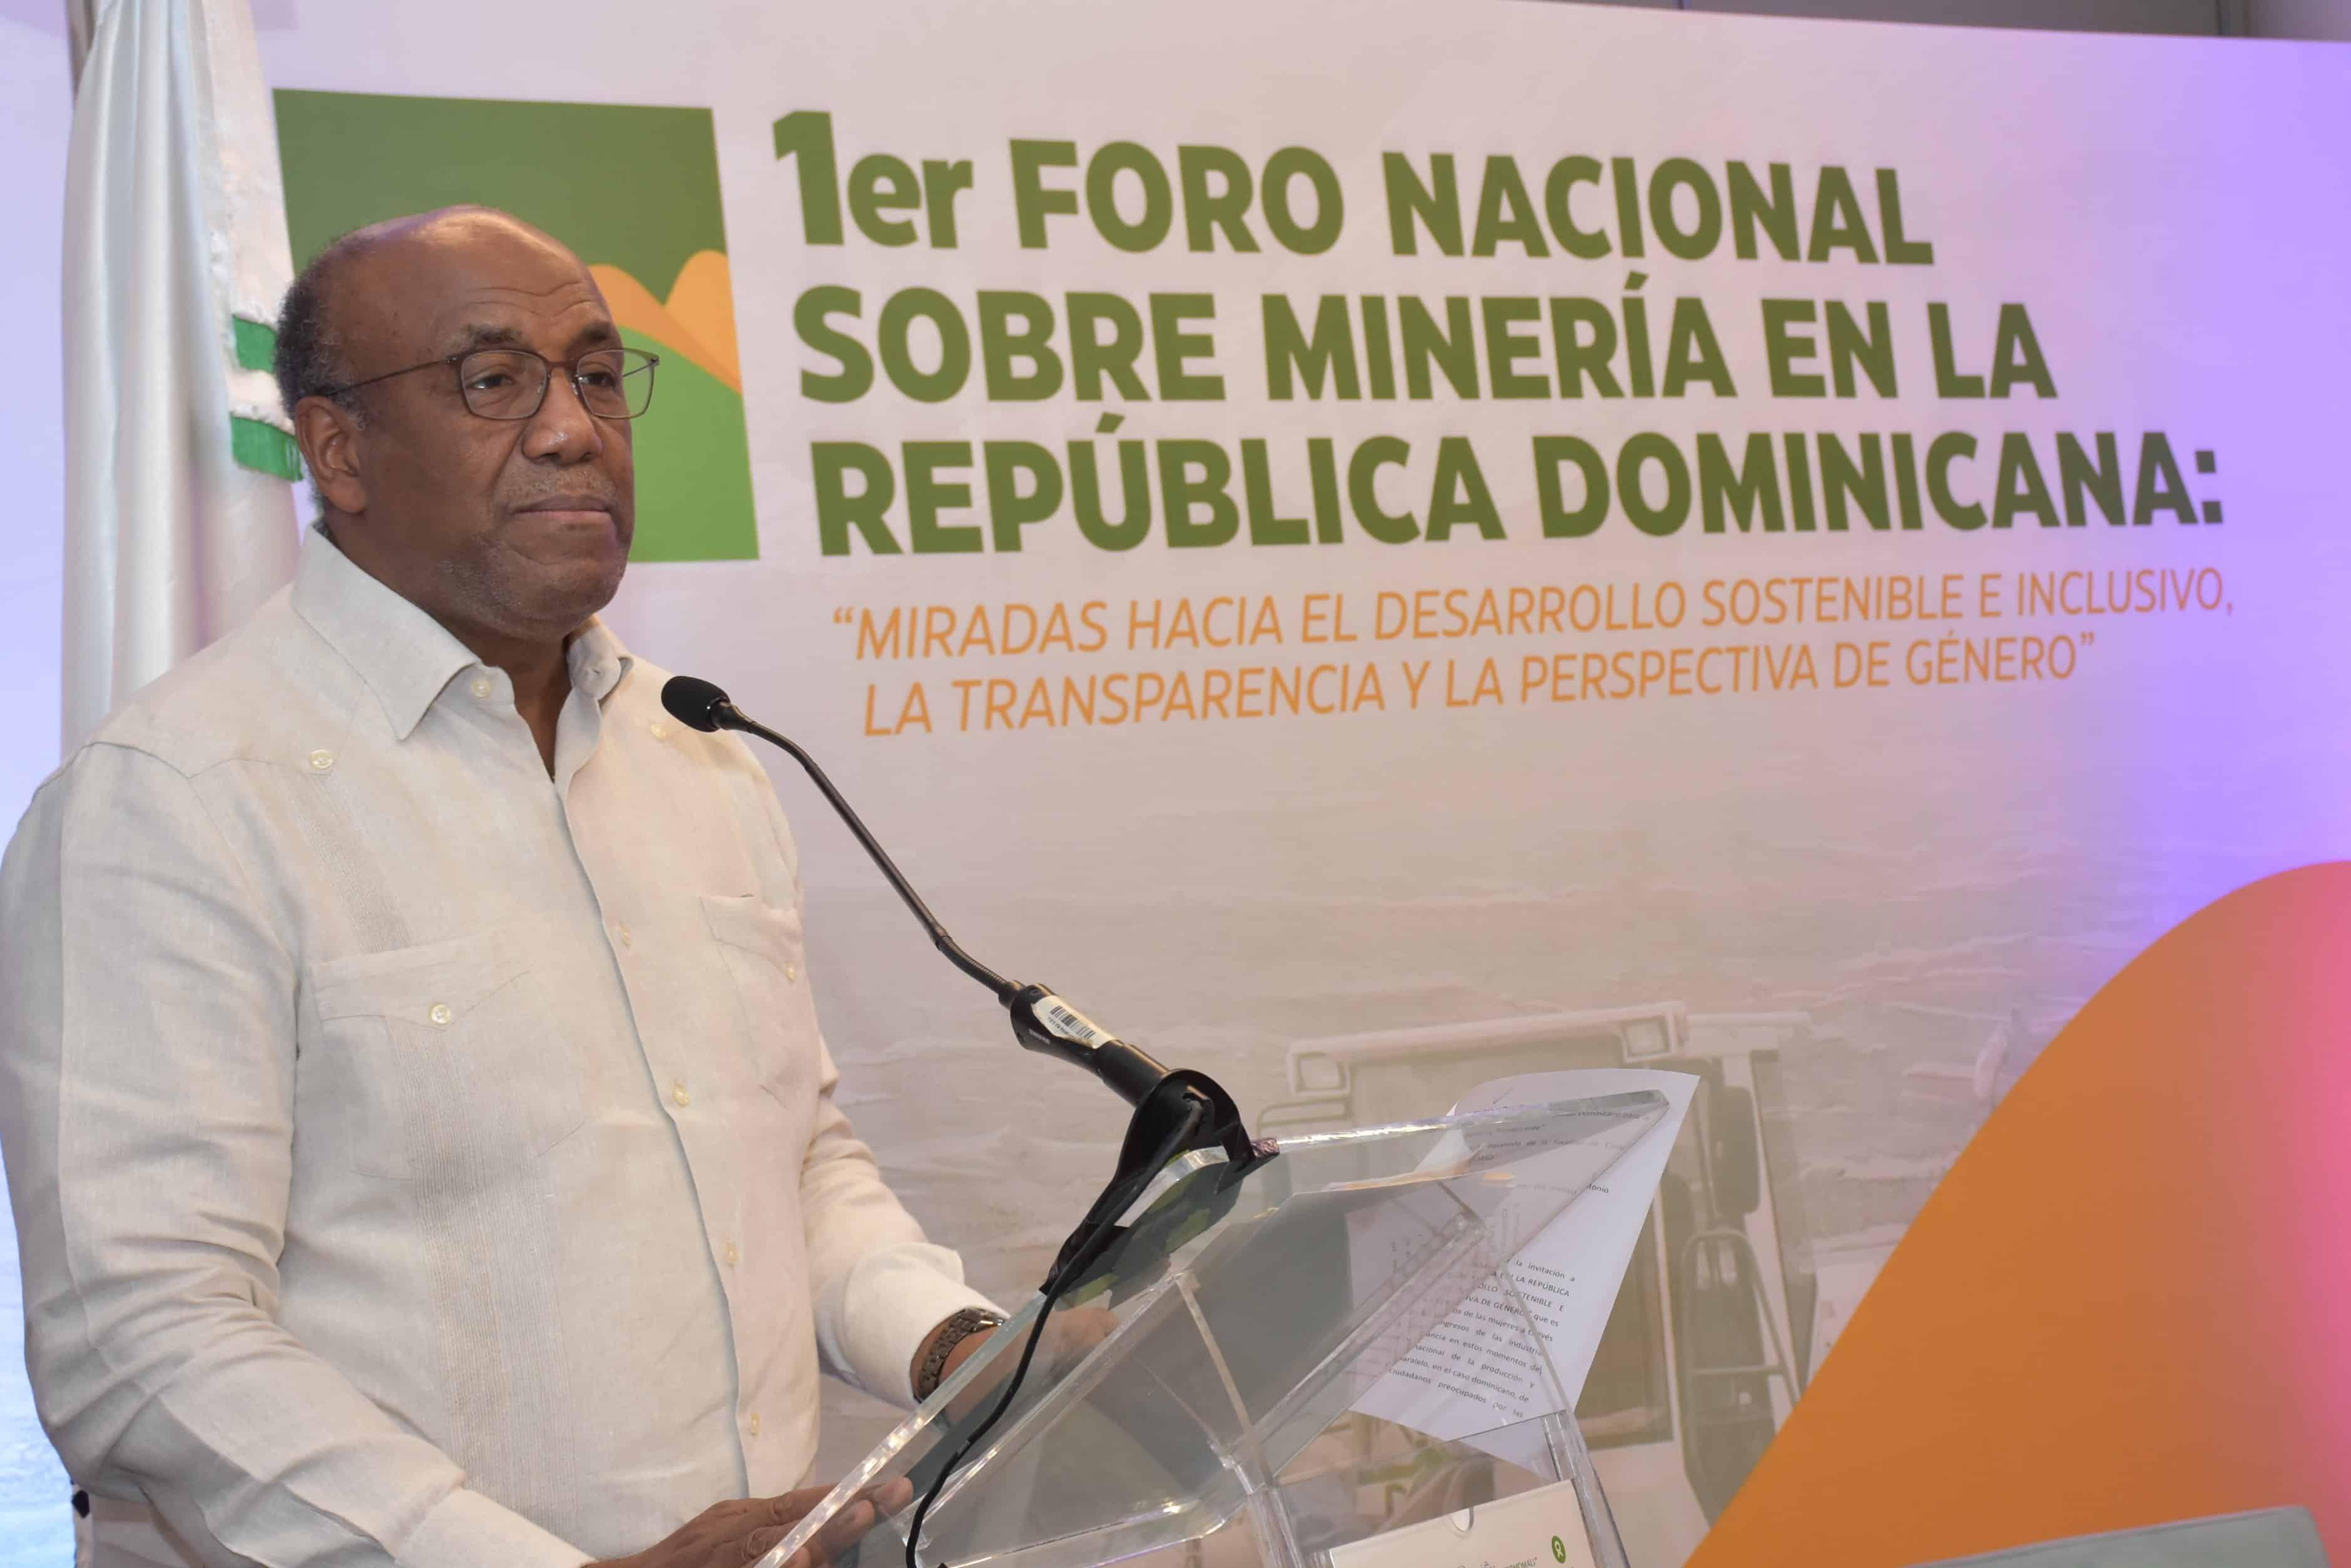 <p><strong>Gobierno est&aacute; comprometido con miner&iacute;a responsable</strong></p>